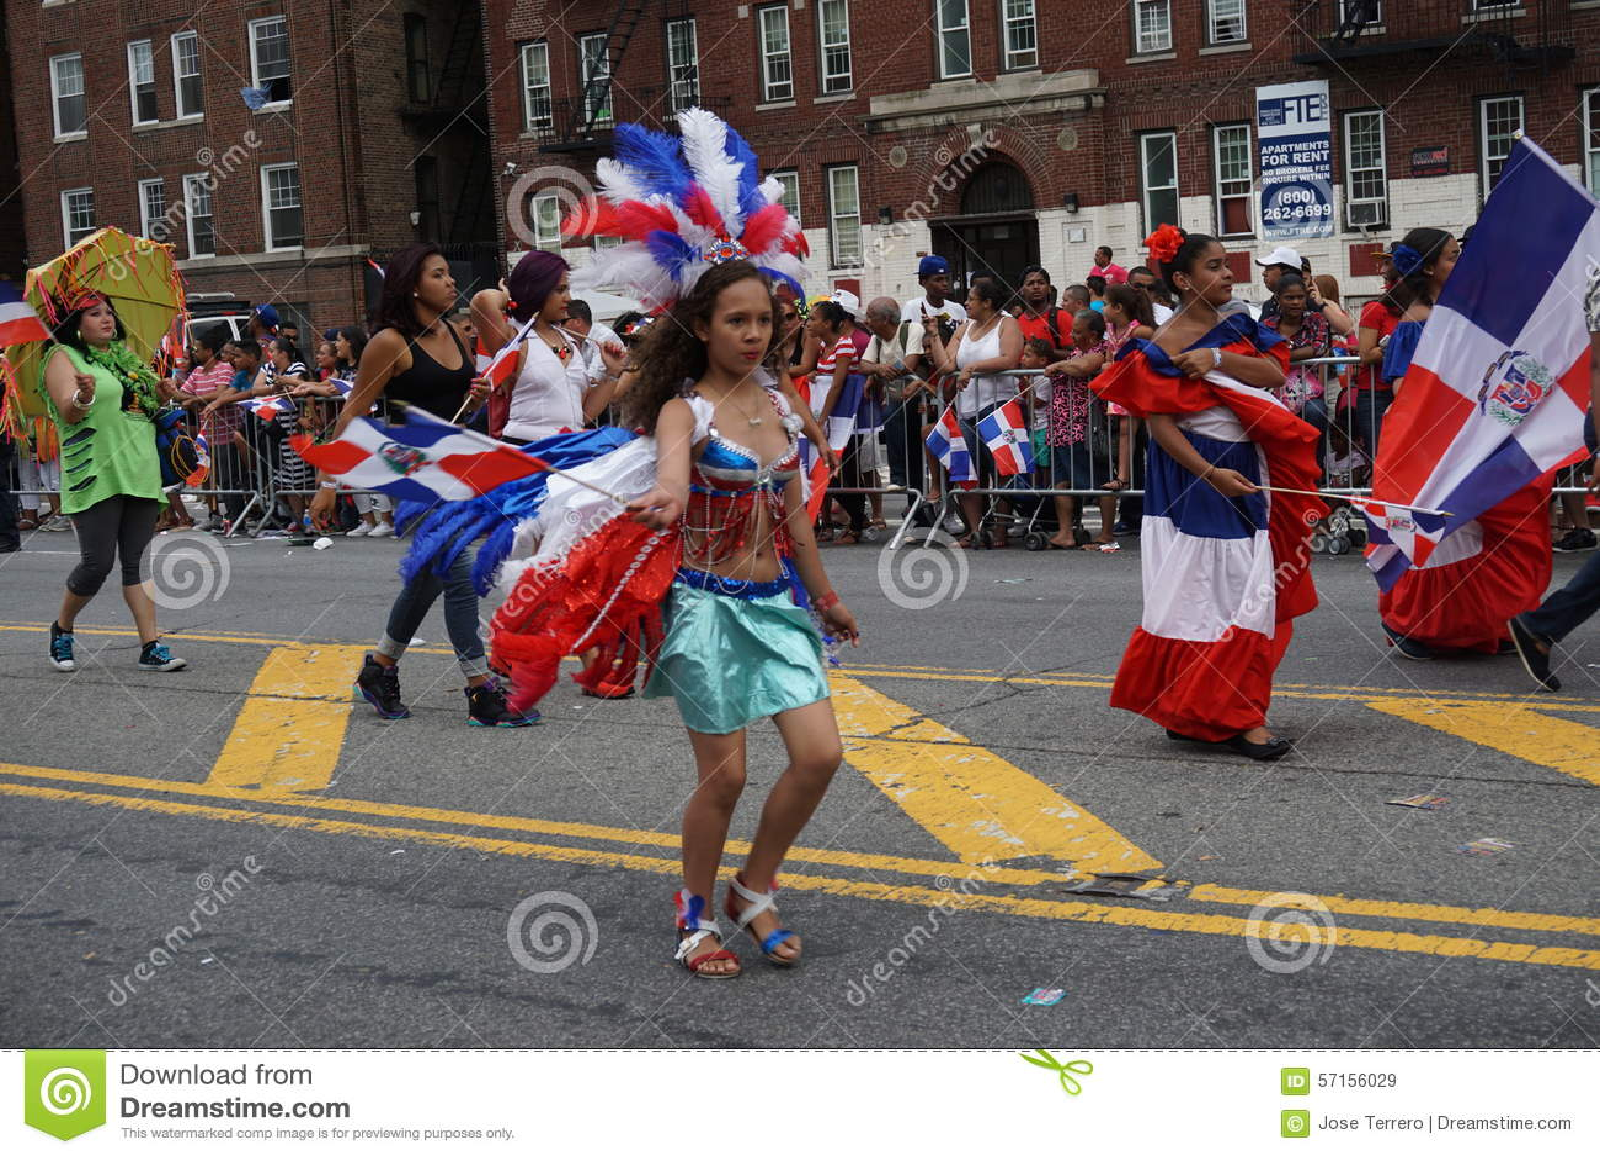 Resultado de imagen para dominican day parade 2019 bronx